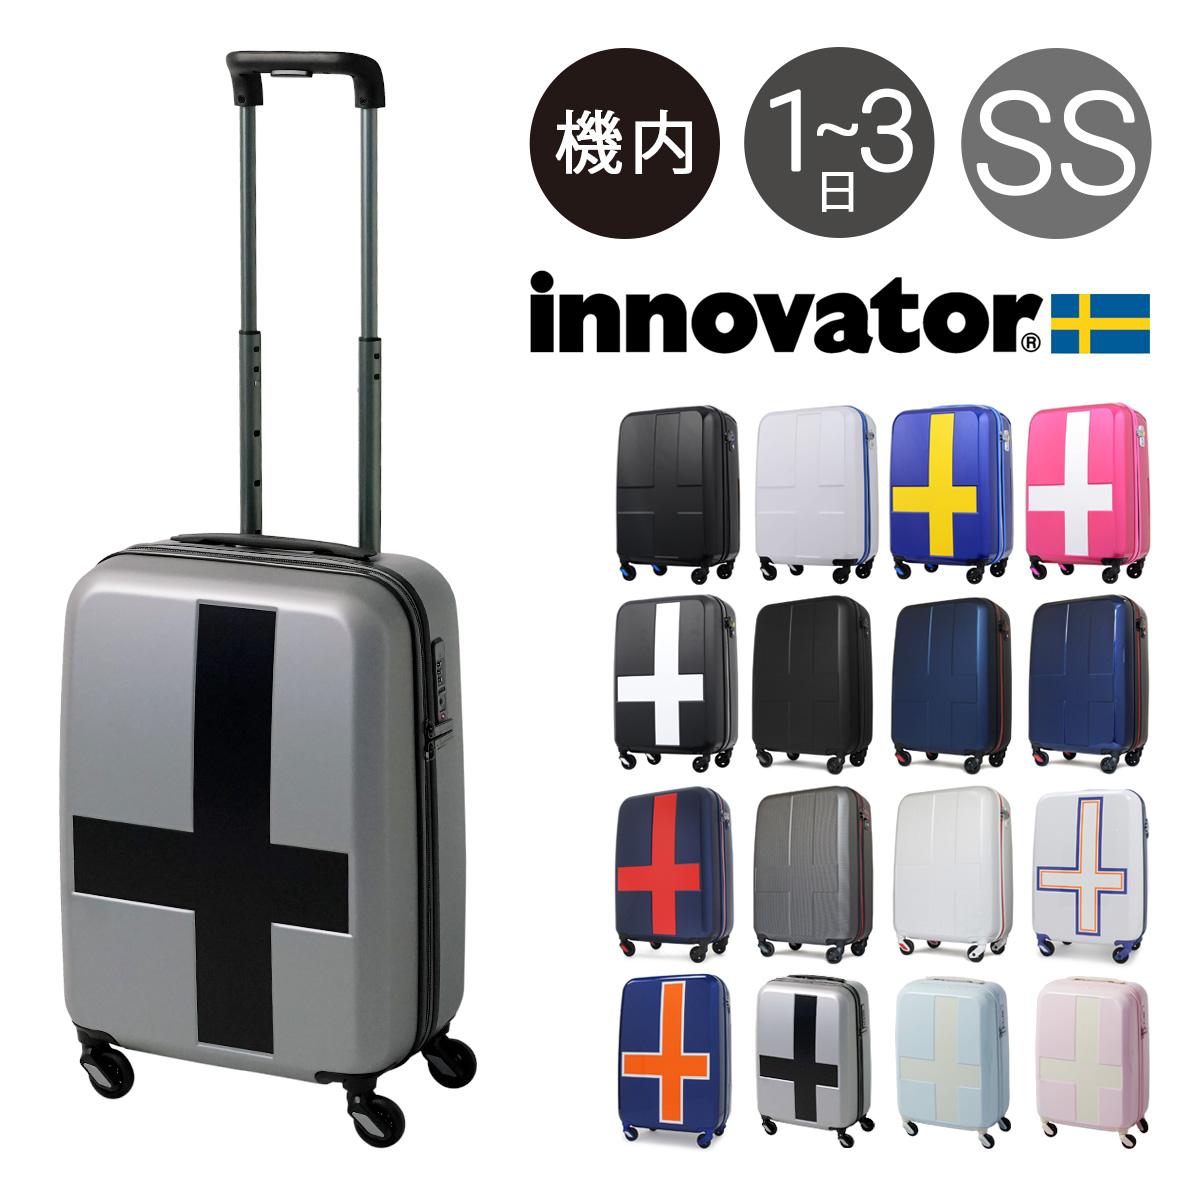 イノベーター スーツケース INV48/48T 48cm innovator キャリーケース キャリーバッグ 北欧 TSAロック搭載 機内持ち込み 2年保証 [PO10][bef]